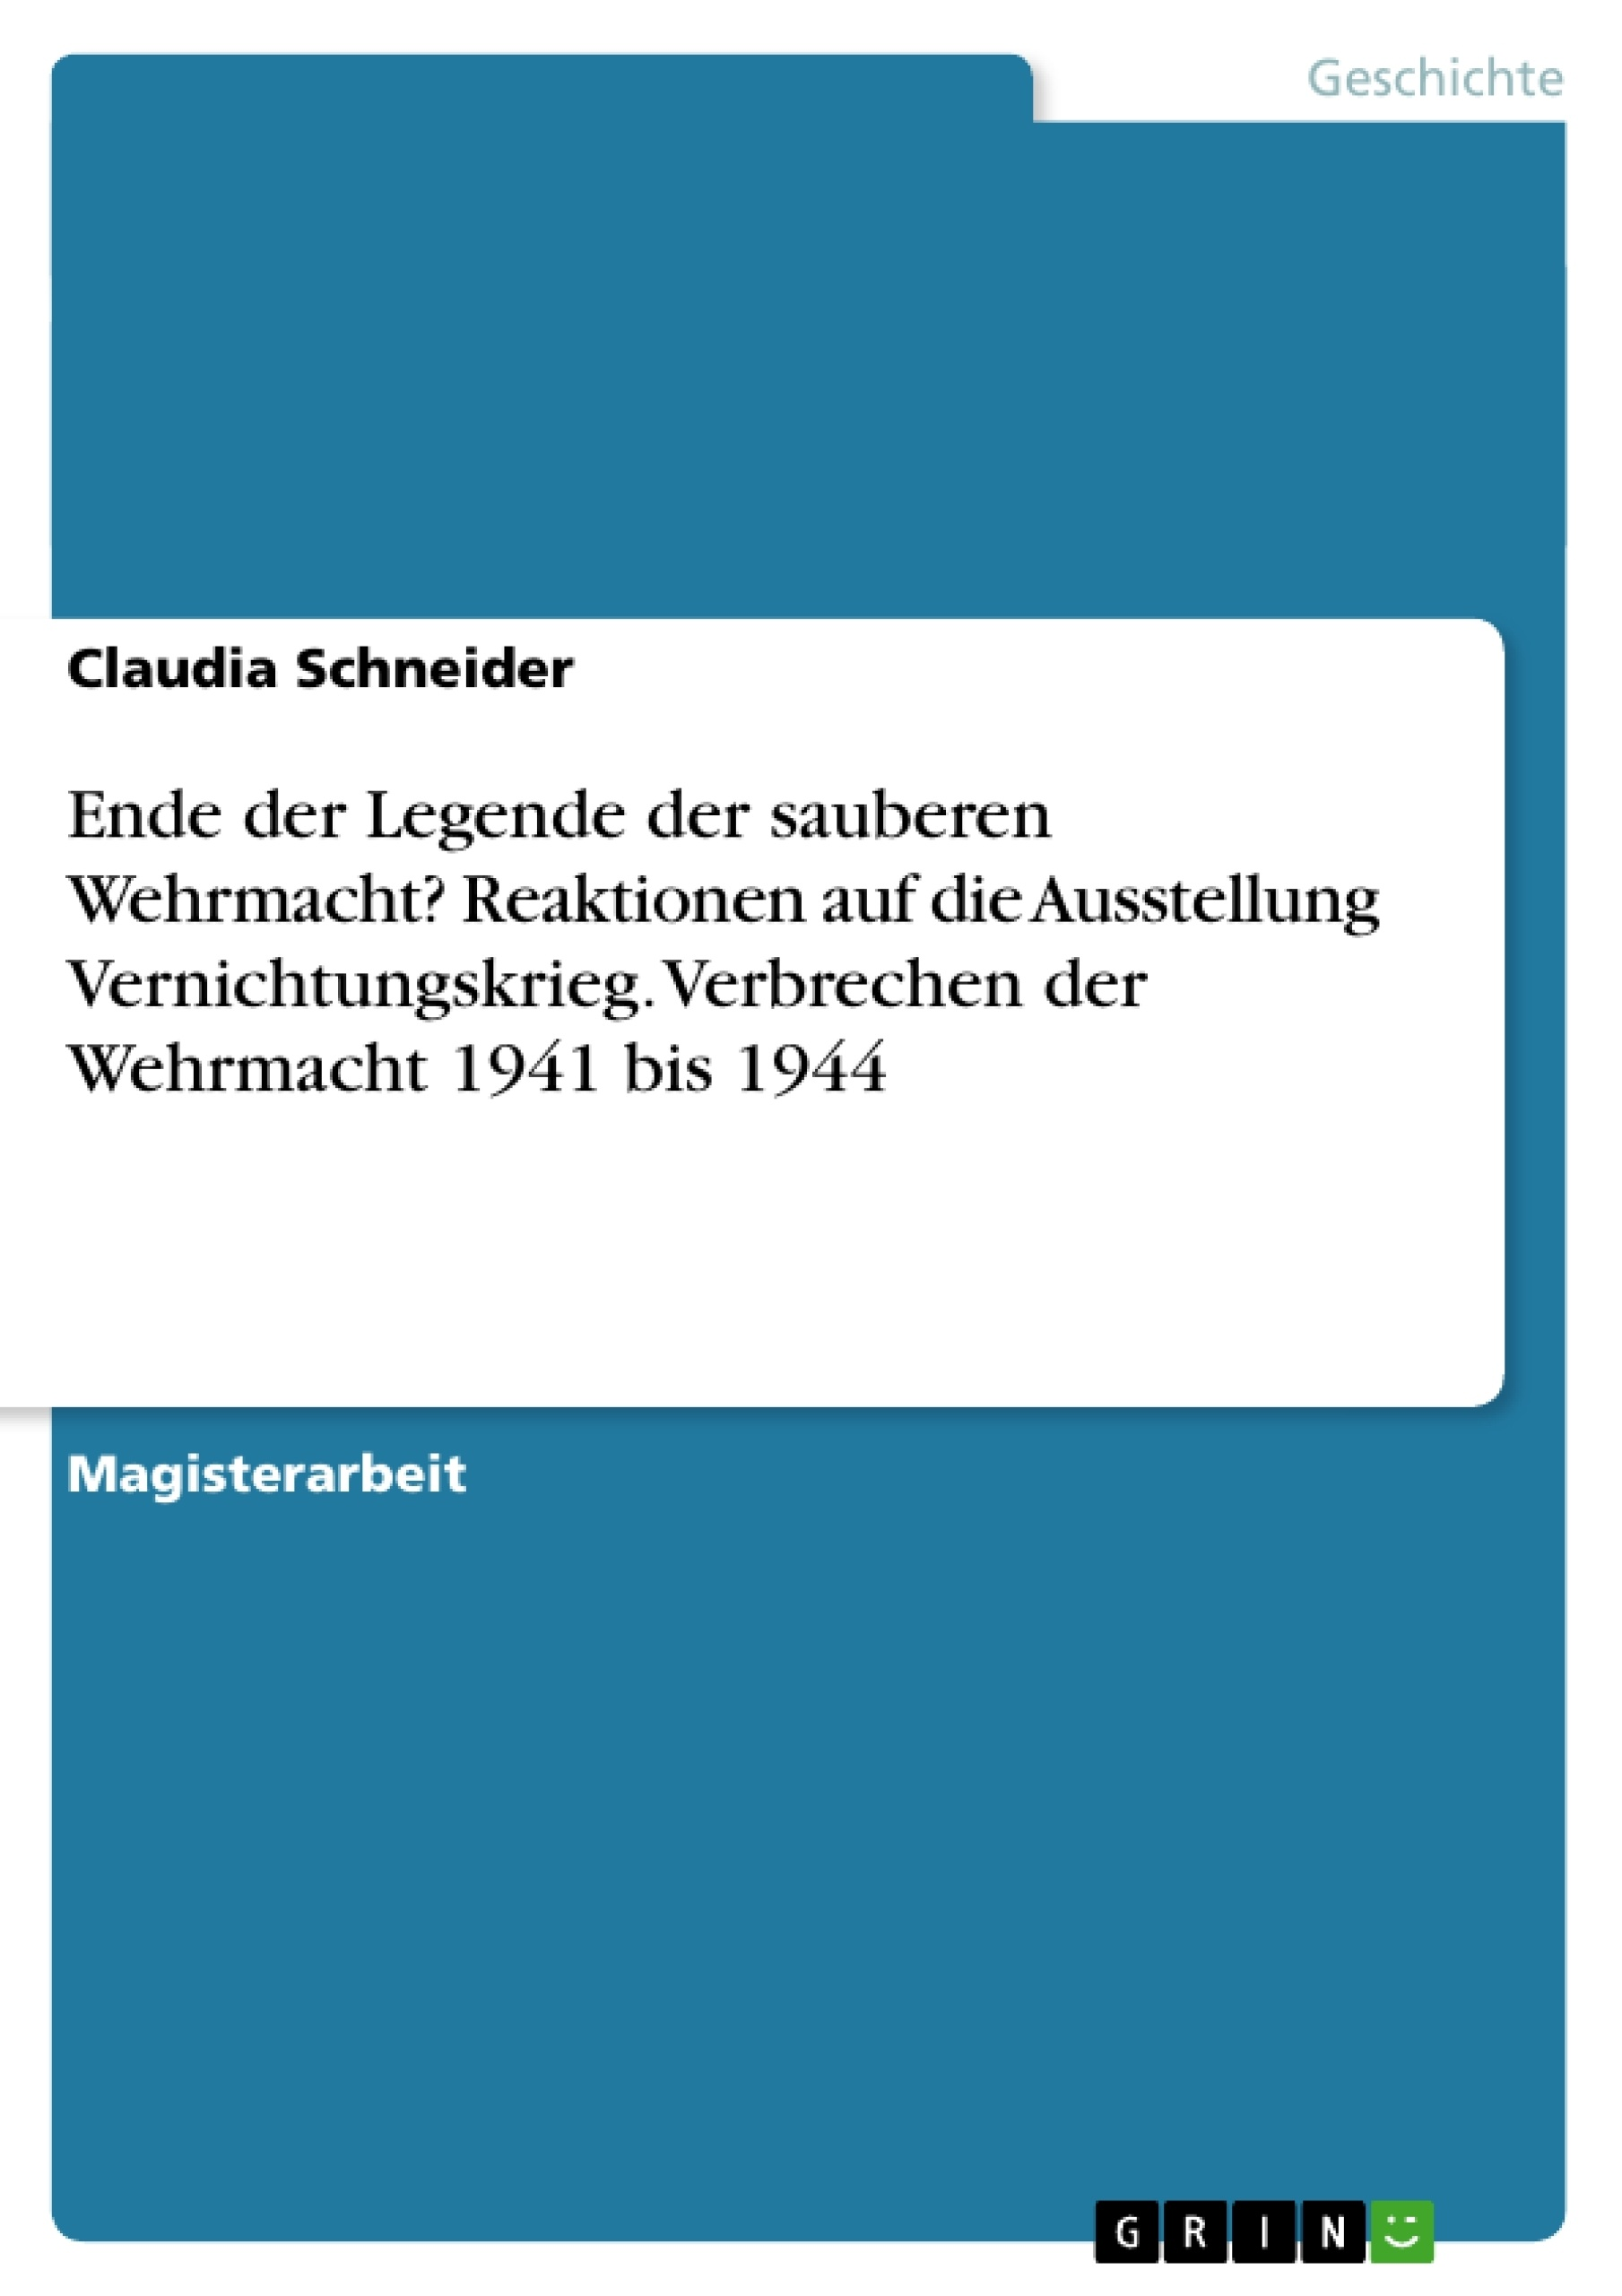 Titel: Ende der Legende der sauberen Wehrmacht? Reaktionen auf die Ausstellung Vernichtungskrieg. Verbrechen der Wehrmacht 1941 bis 1944